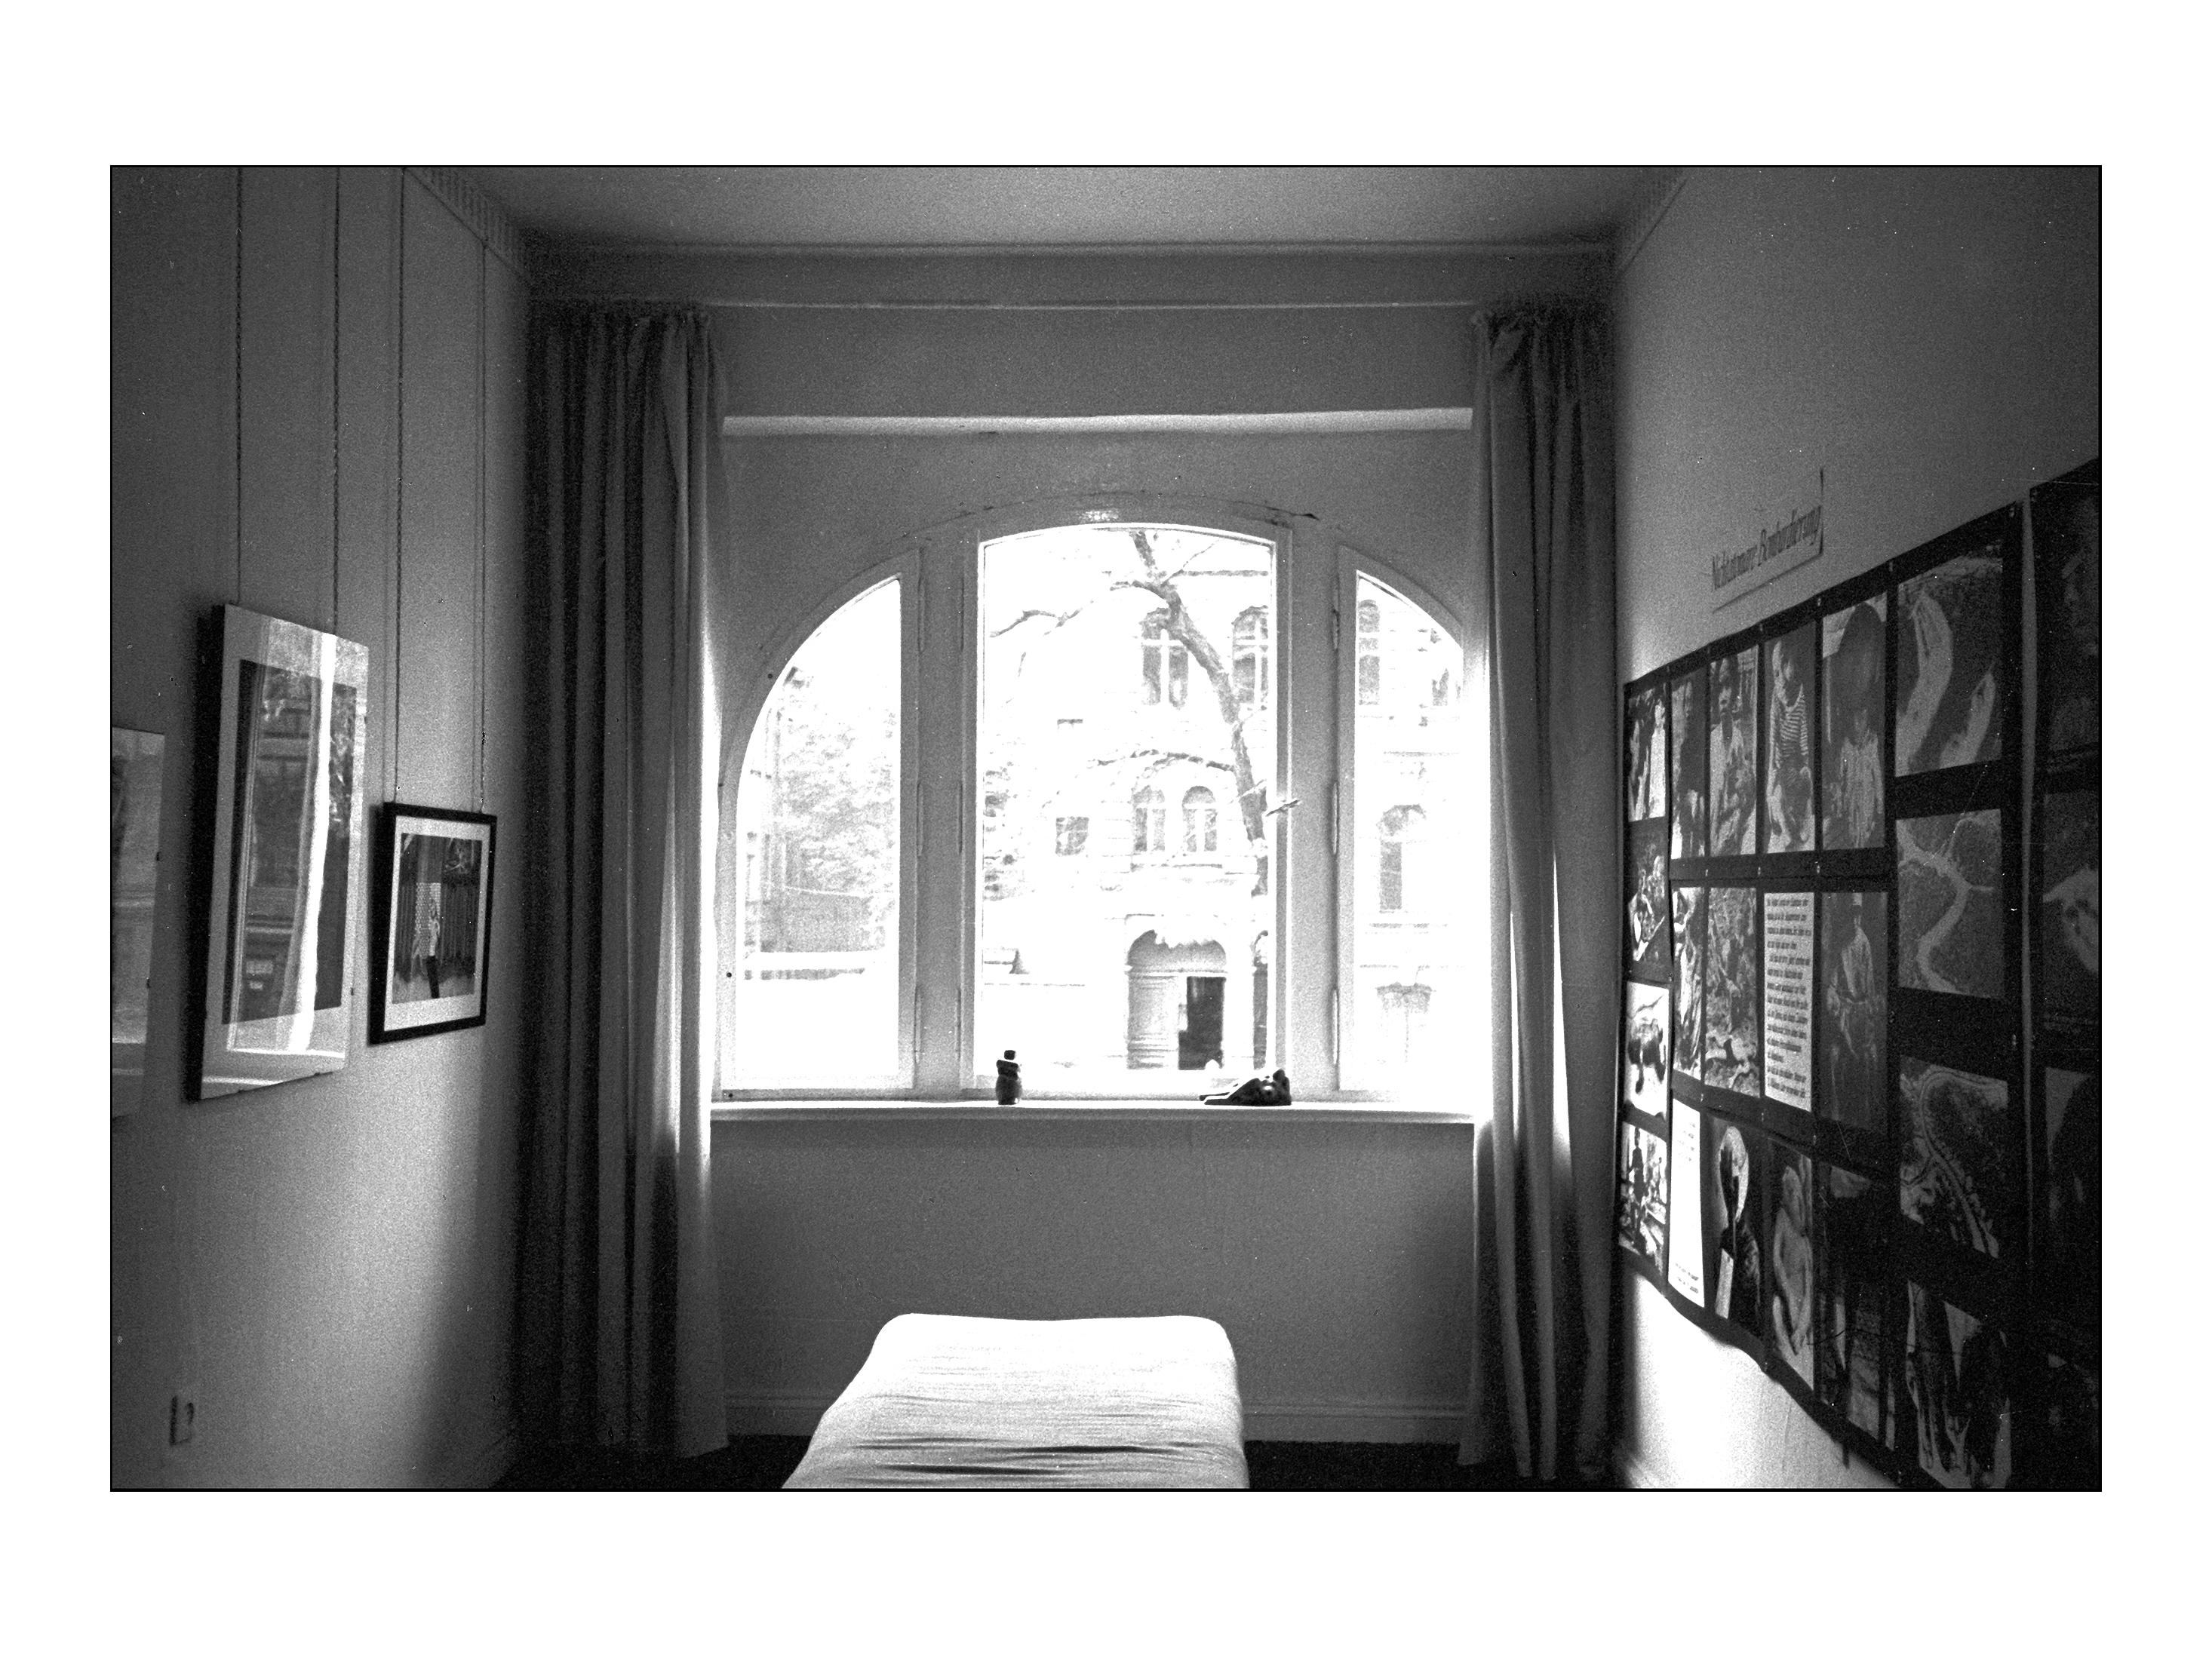 Ausstellungen Hegelstr. 33 in der Galerie Bahß - Magdeburg 1981-83 (c) Dietrich Bahß